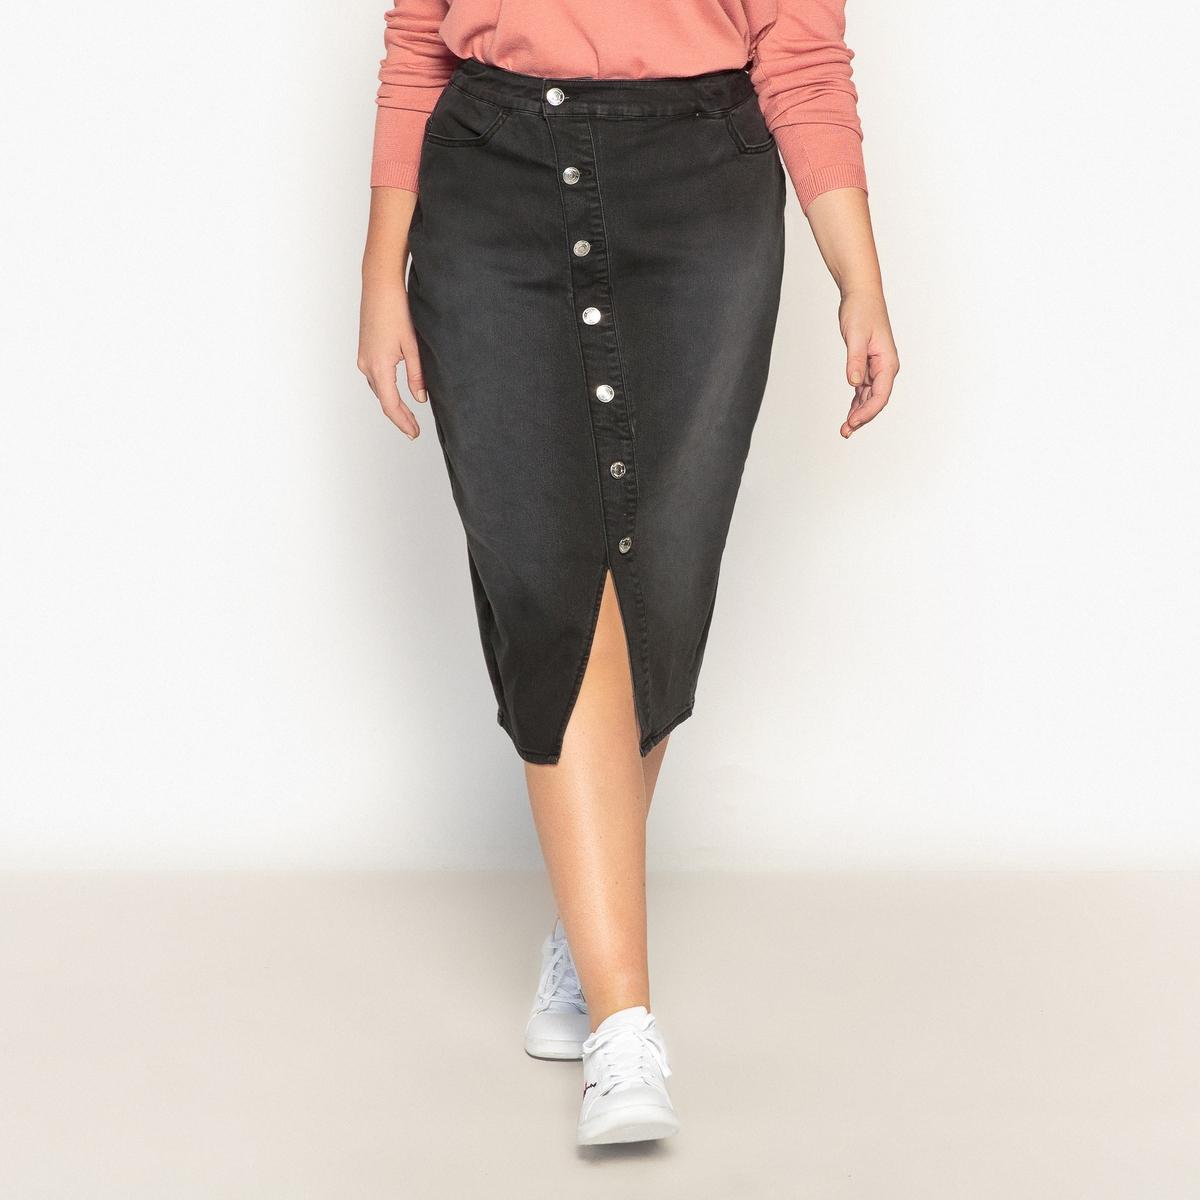 Юбкаиз денима на пуговицахВ этом сезоне деним снова в моде . Эта юбка с застежкой на пуговицы сзади -на пике моды . Можно носить в сочетании с кедами для свободного стиля   .Детали •  Форма : прямая •  Длина ниже колен Состав и уход •  78% хлопка, 2% эластана, 20% полиэстера •  Подкладка : 100% хлопок •  Температура стирки 30°   •  Сухая чистка и отбеливание запрещены •  Не использовать барабанную сушку   •  Низкая температура глажки   ВАЖНО: Товар без манжетТовар из коллекции больших размеров •  Длина : 70 см<br><br>Цвет: черный<br>Размер: 42 (FR) - 48 (RUS).48 (FR) - 54 (RUS).46 (FR) - 52 (RUS).44 (FR) - 50 (RUS)